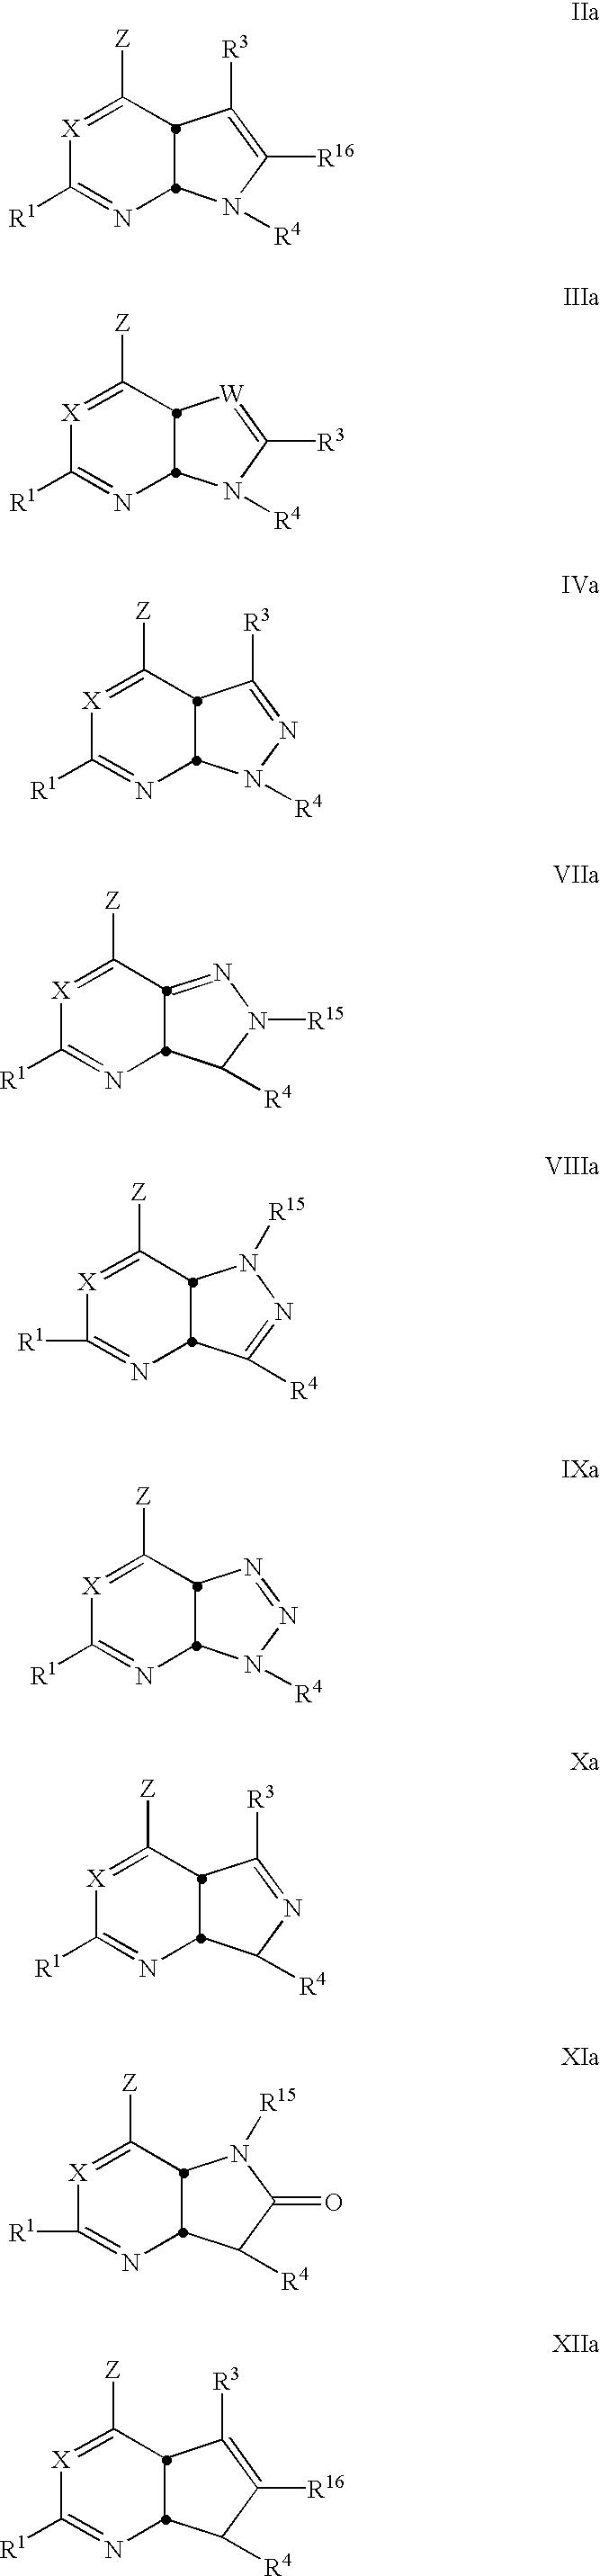 Figure US06506762-20030114-C00118